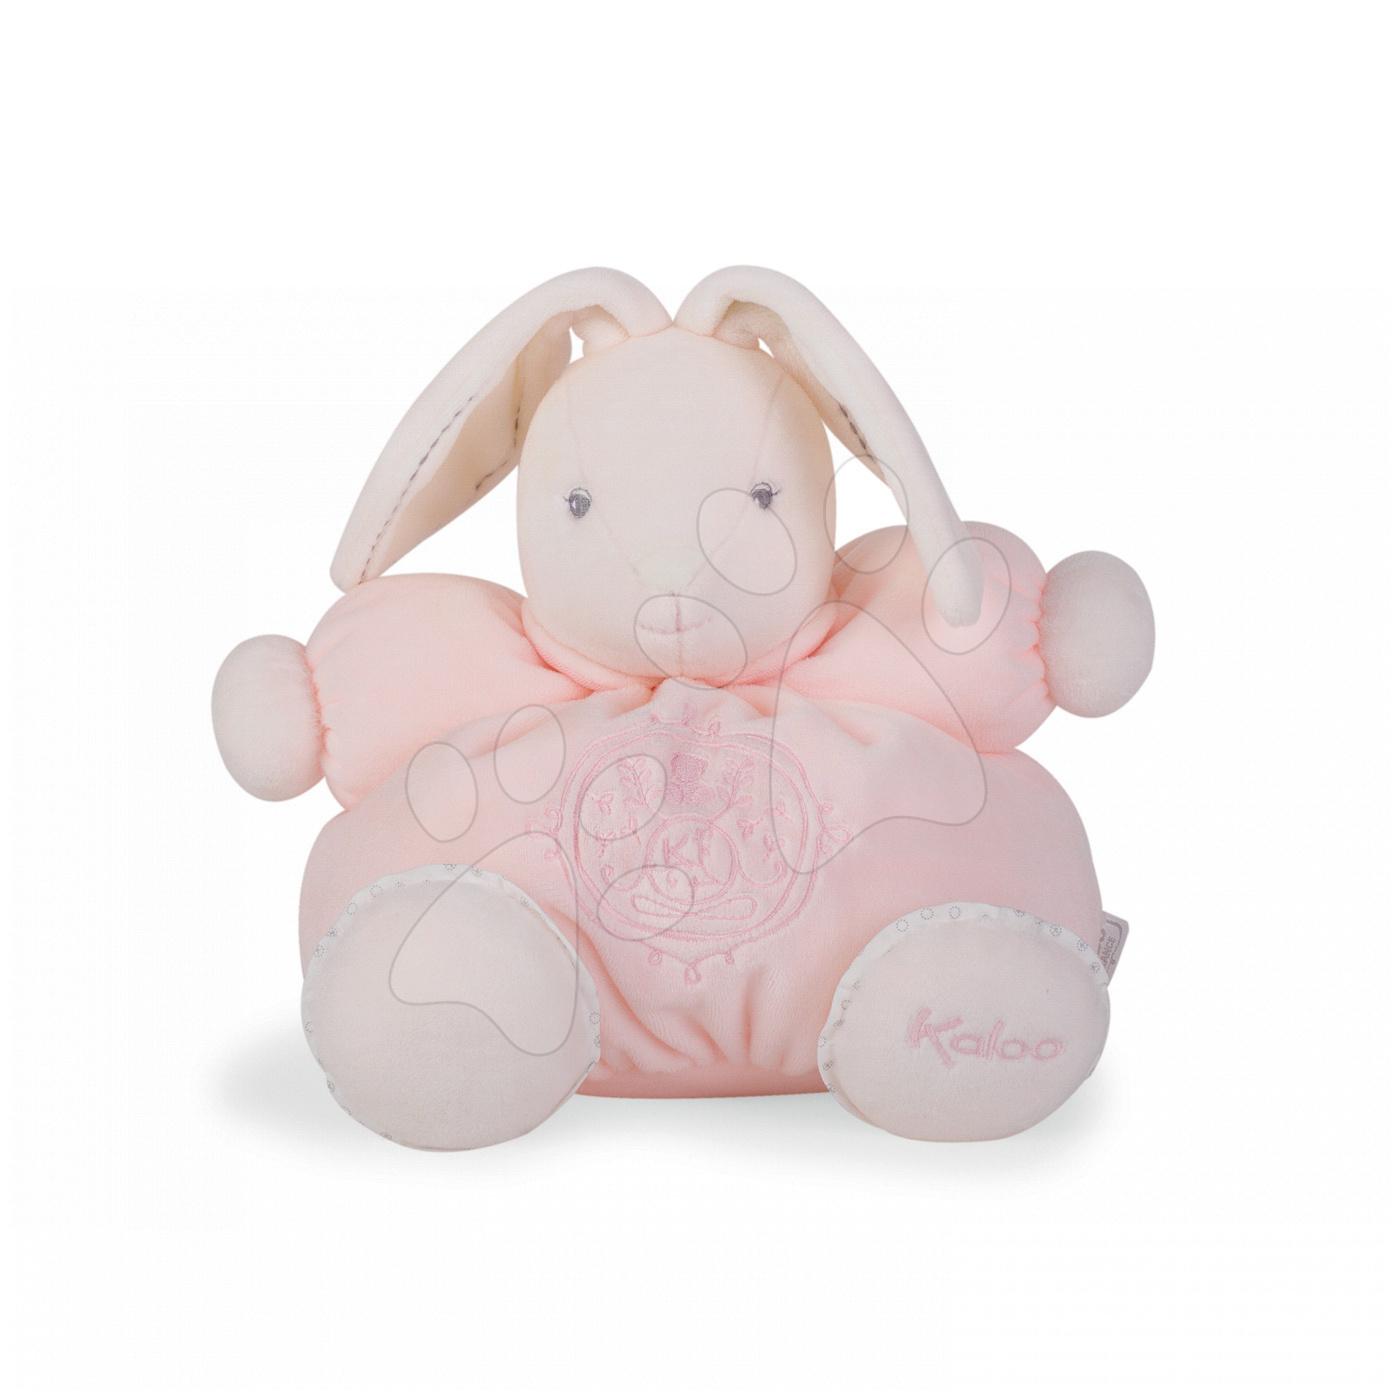 Hračky pre bábätká - Plyšový zajačik Perle-Chubby Rabbit Kaloo 25 cm v darčekovom balení pre najmenších ružový